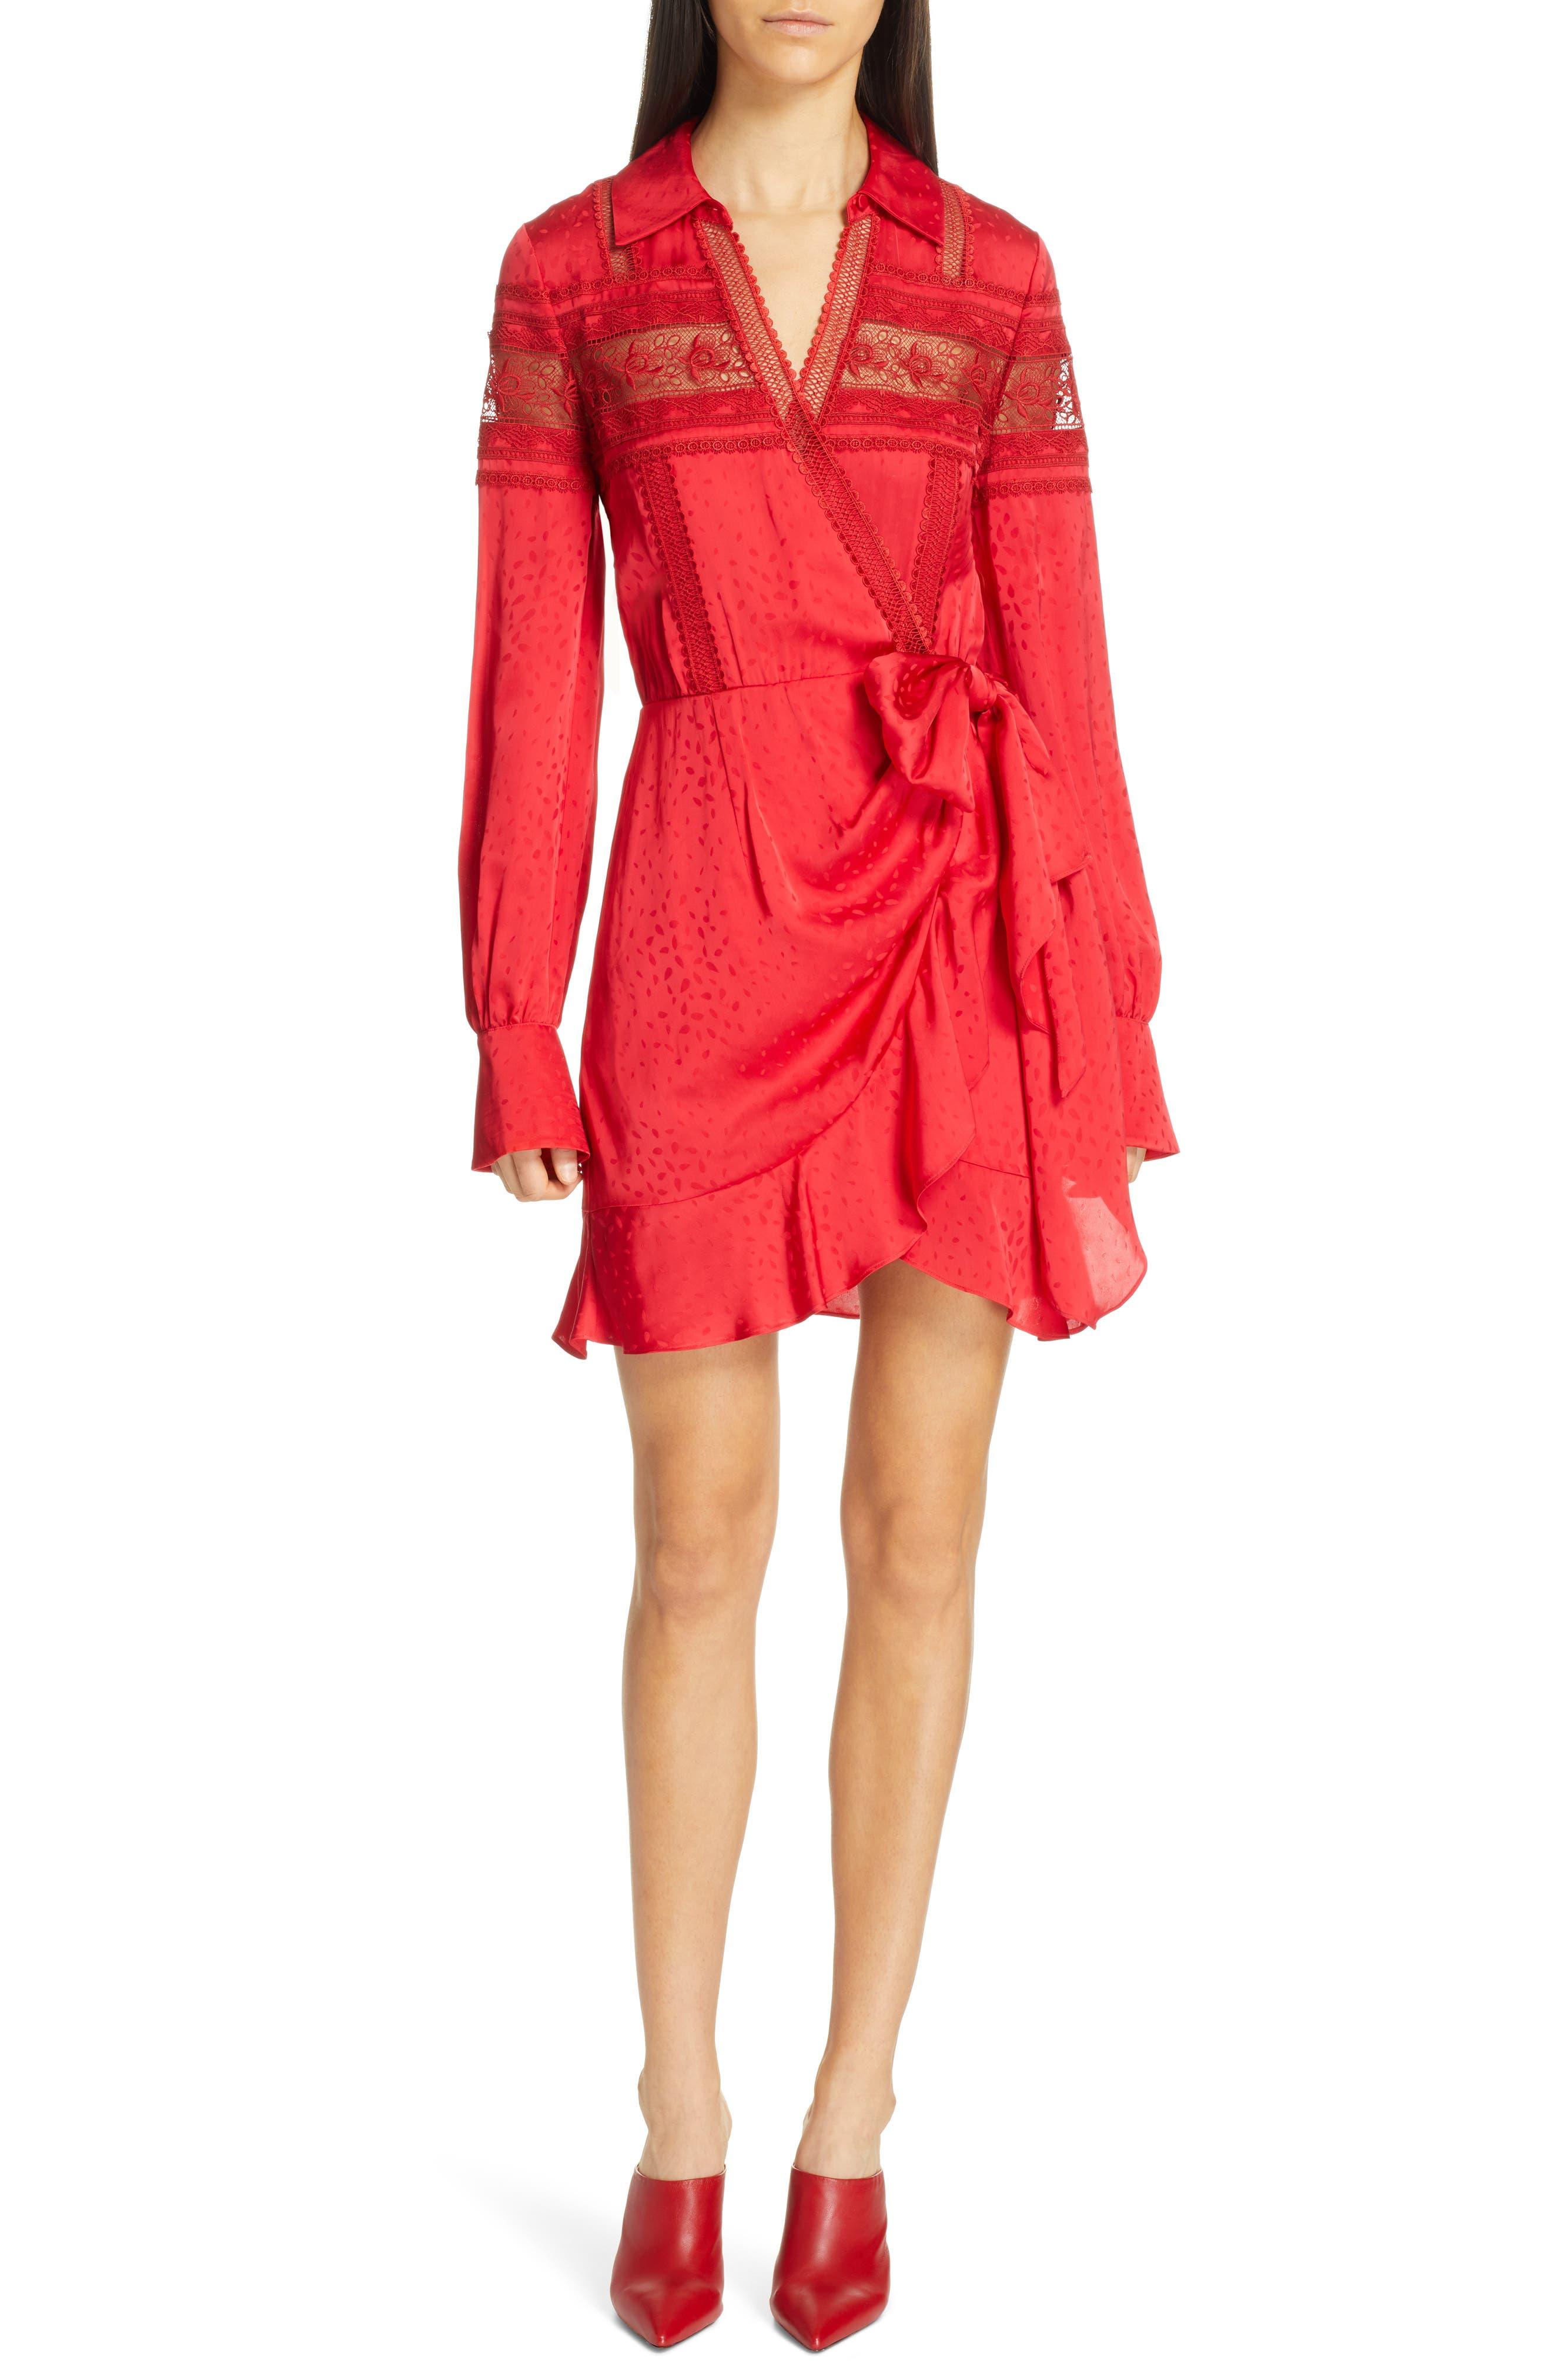 Self-Portrait Lace Trim Jacquard Wrap Dress, Red